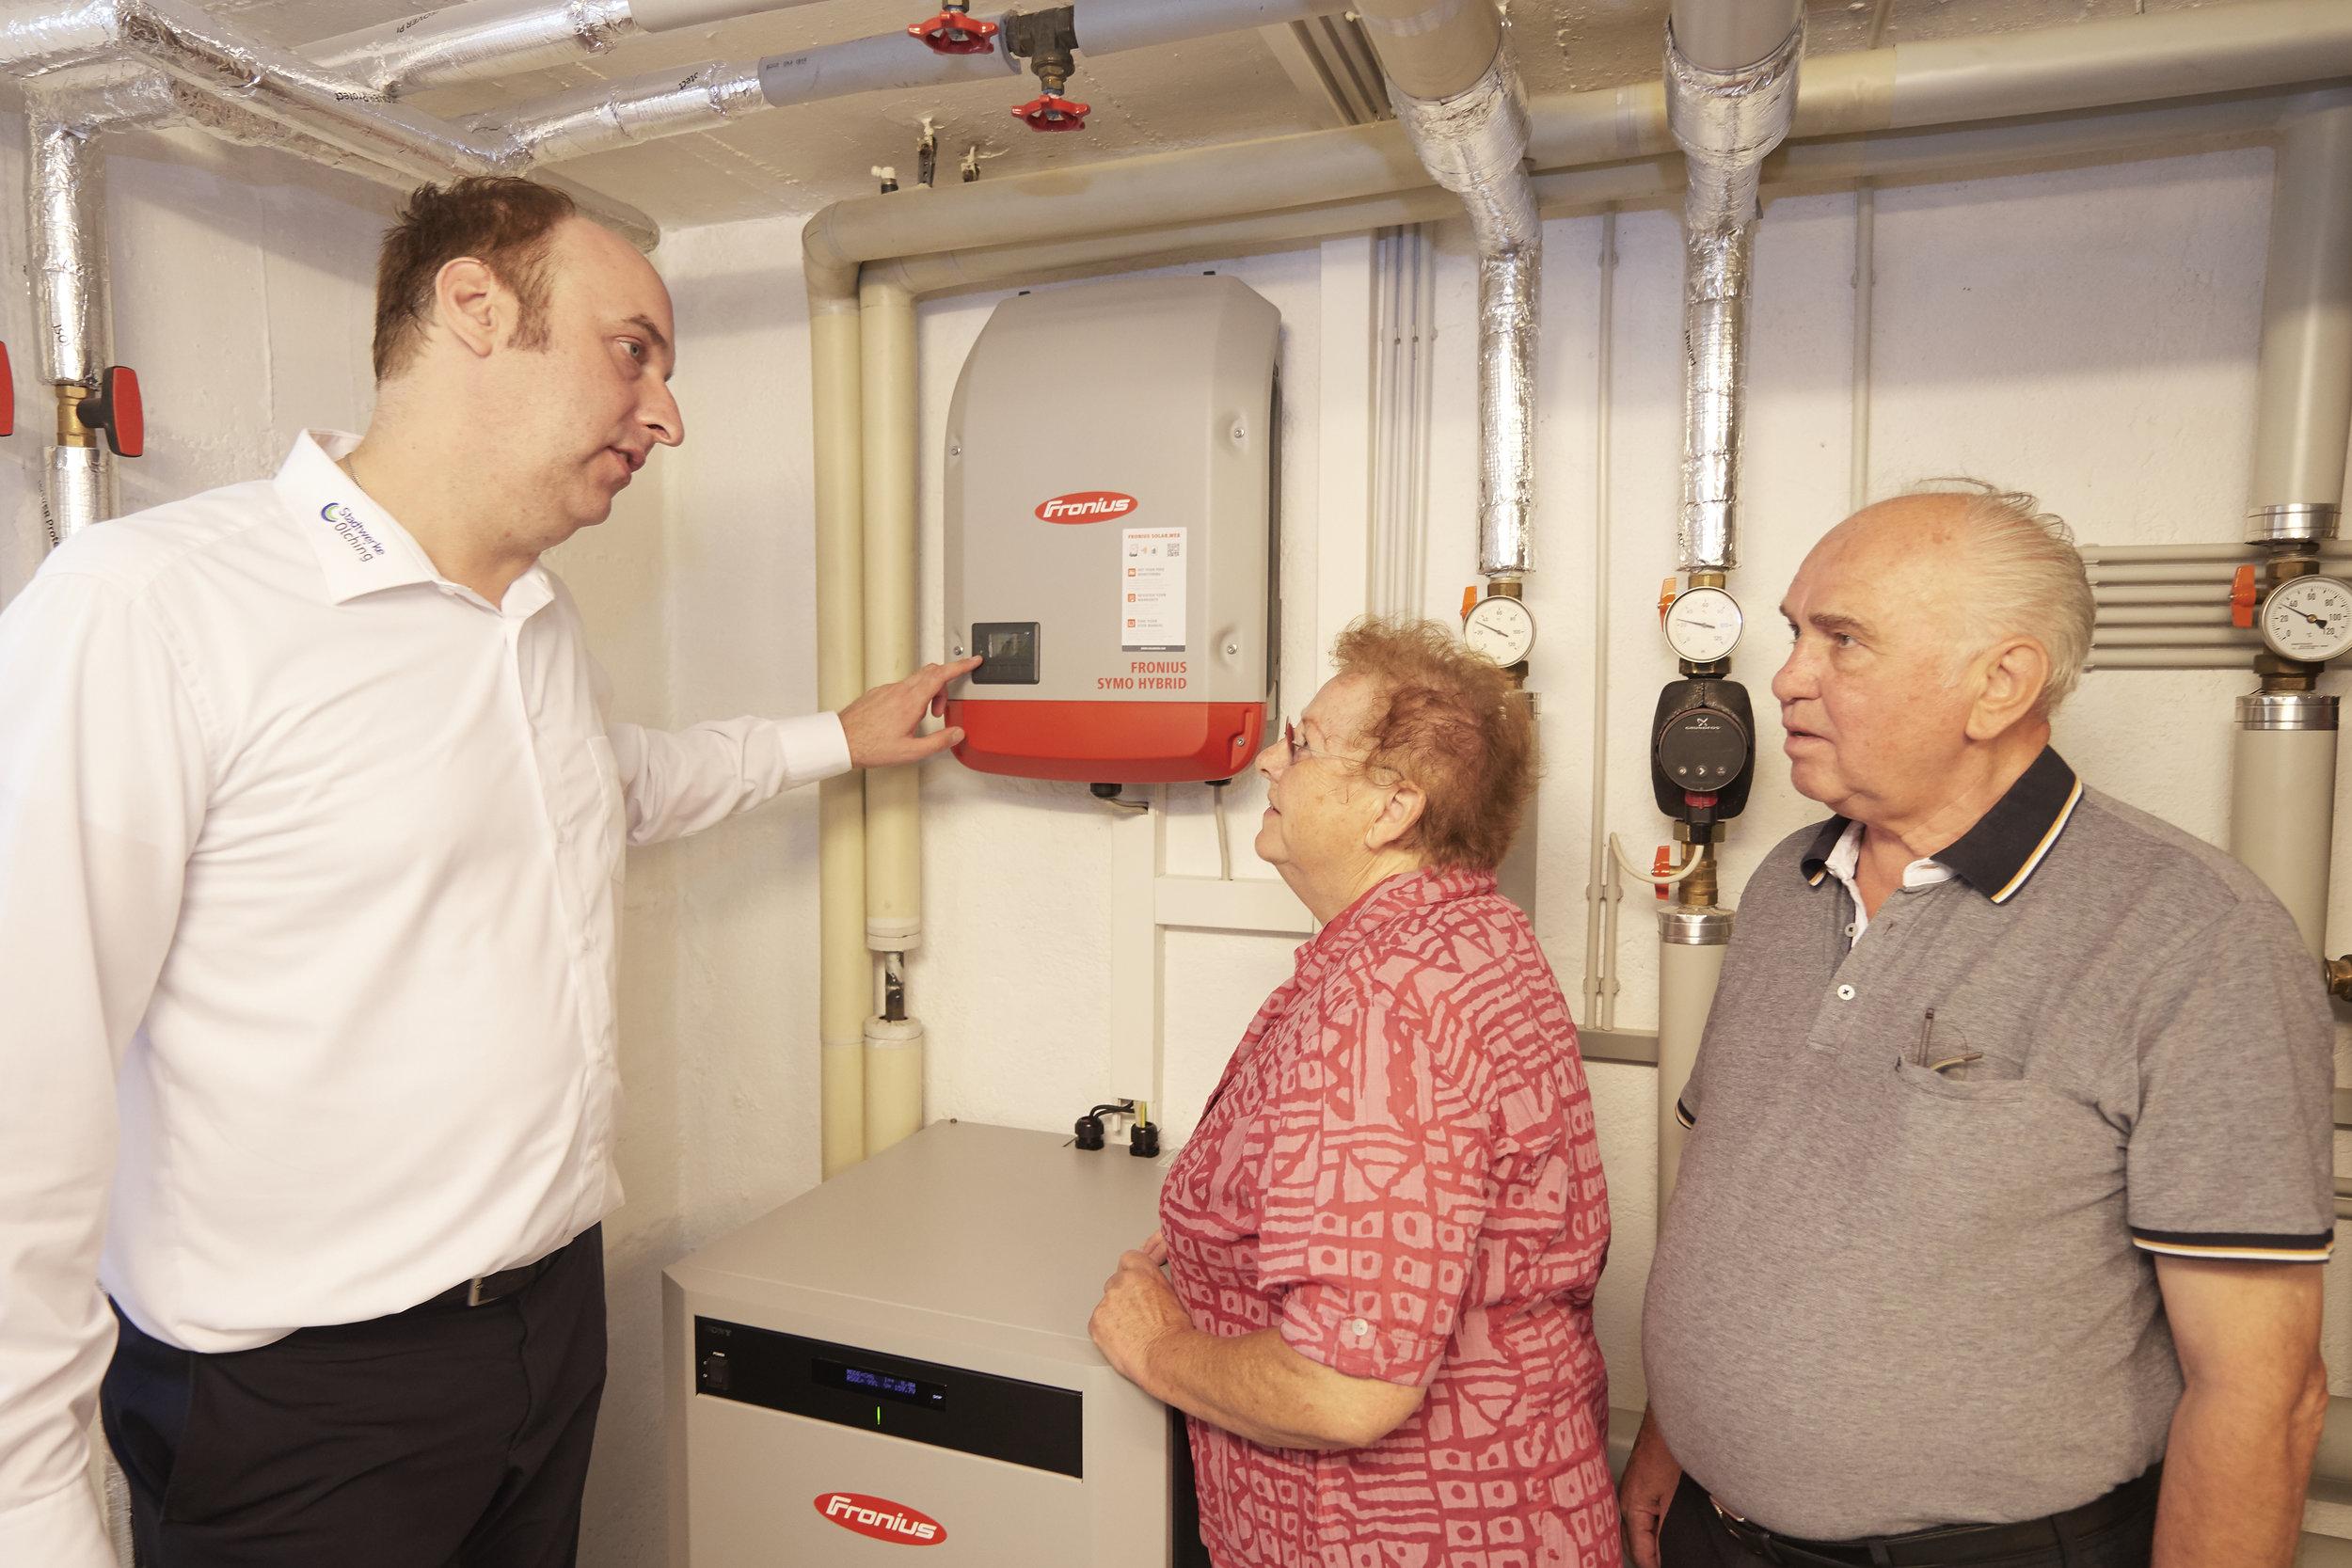 Nicht viel zu erklären gibt es für den Vertriebsleiter der Stadtwerke Olching, Daniel Grewig, bei der Übergabe der Photovoltaikanlage an Rudolf und Christina Lieb. Denn die Anlage erklärt sich selbst durch ihre Leistung.